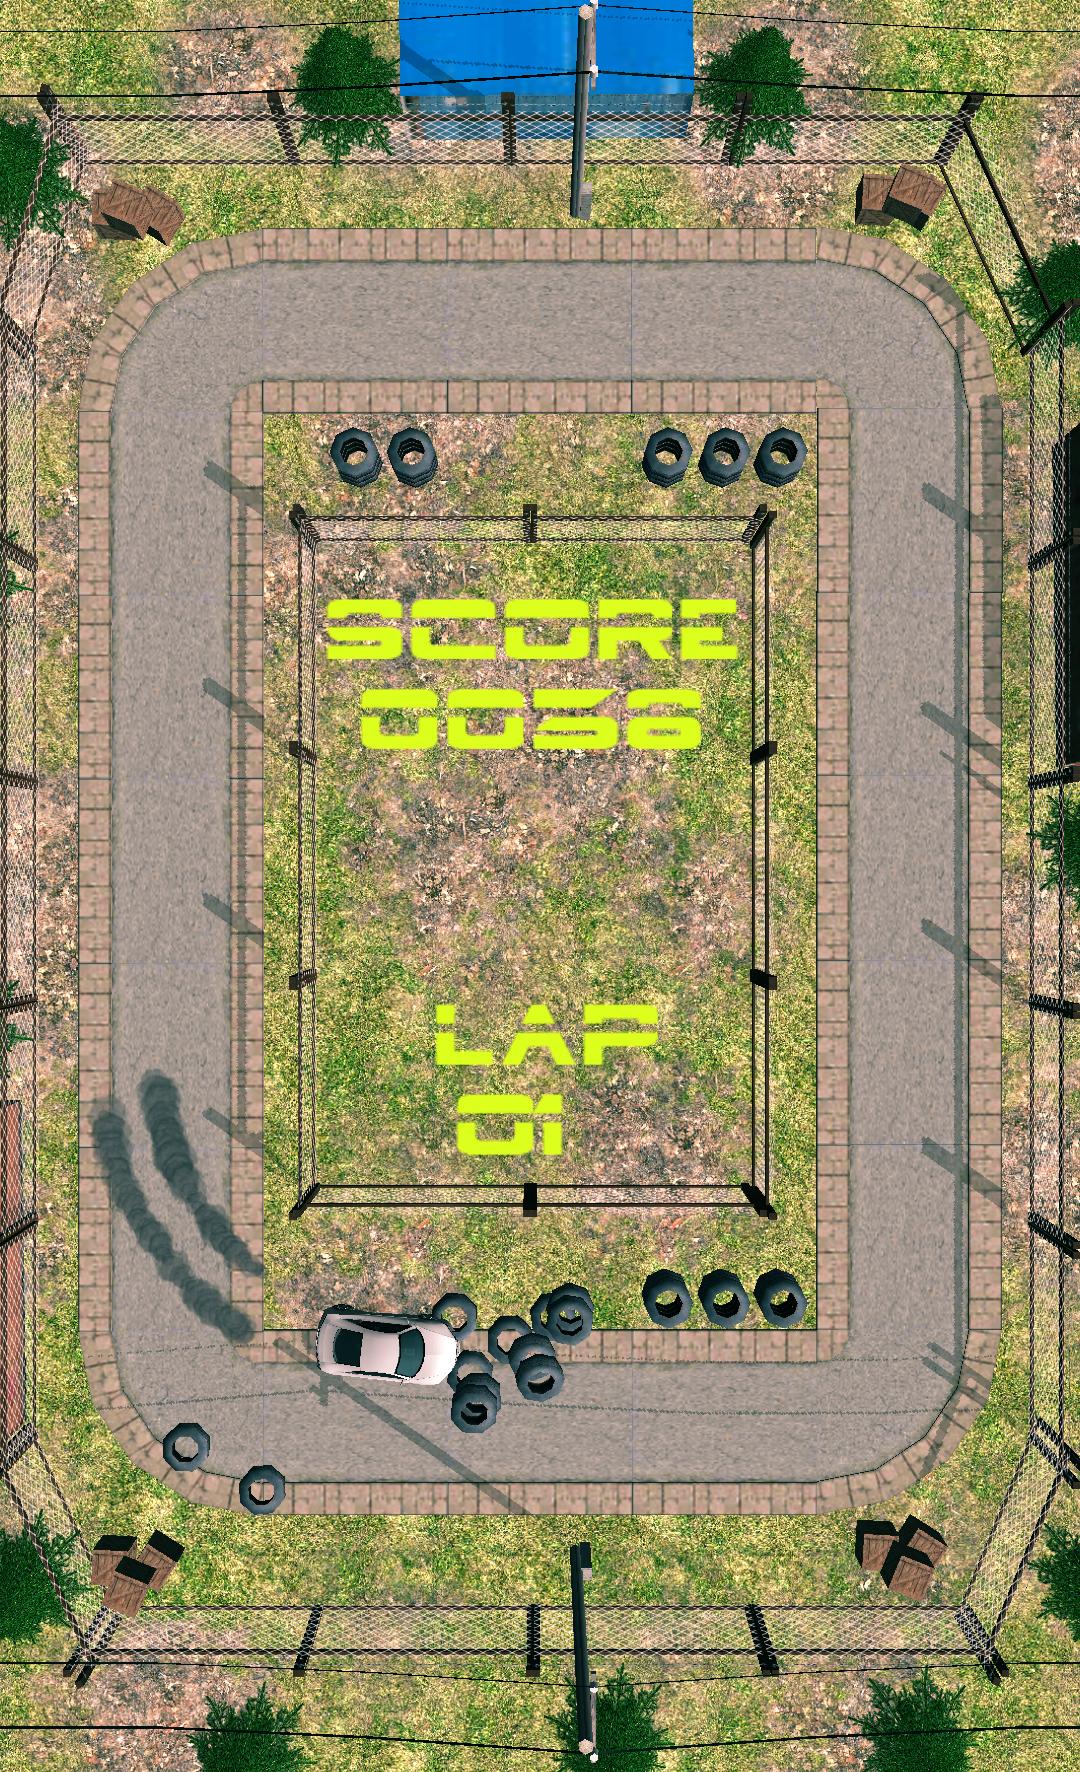 TapTap Games 2.1.1 Загрузить APK для Android - …